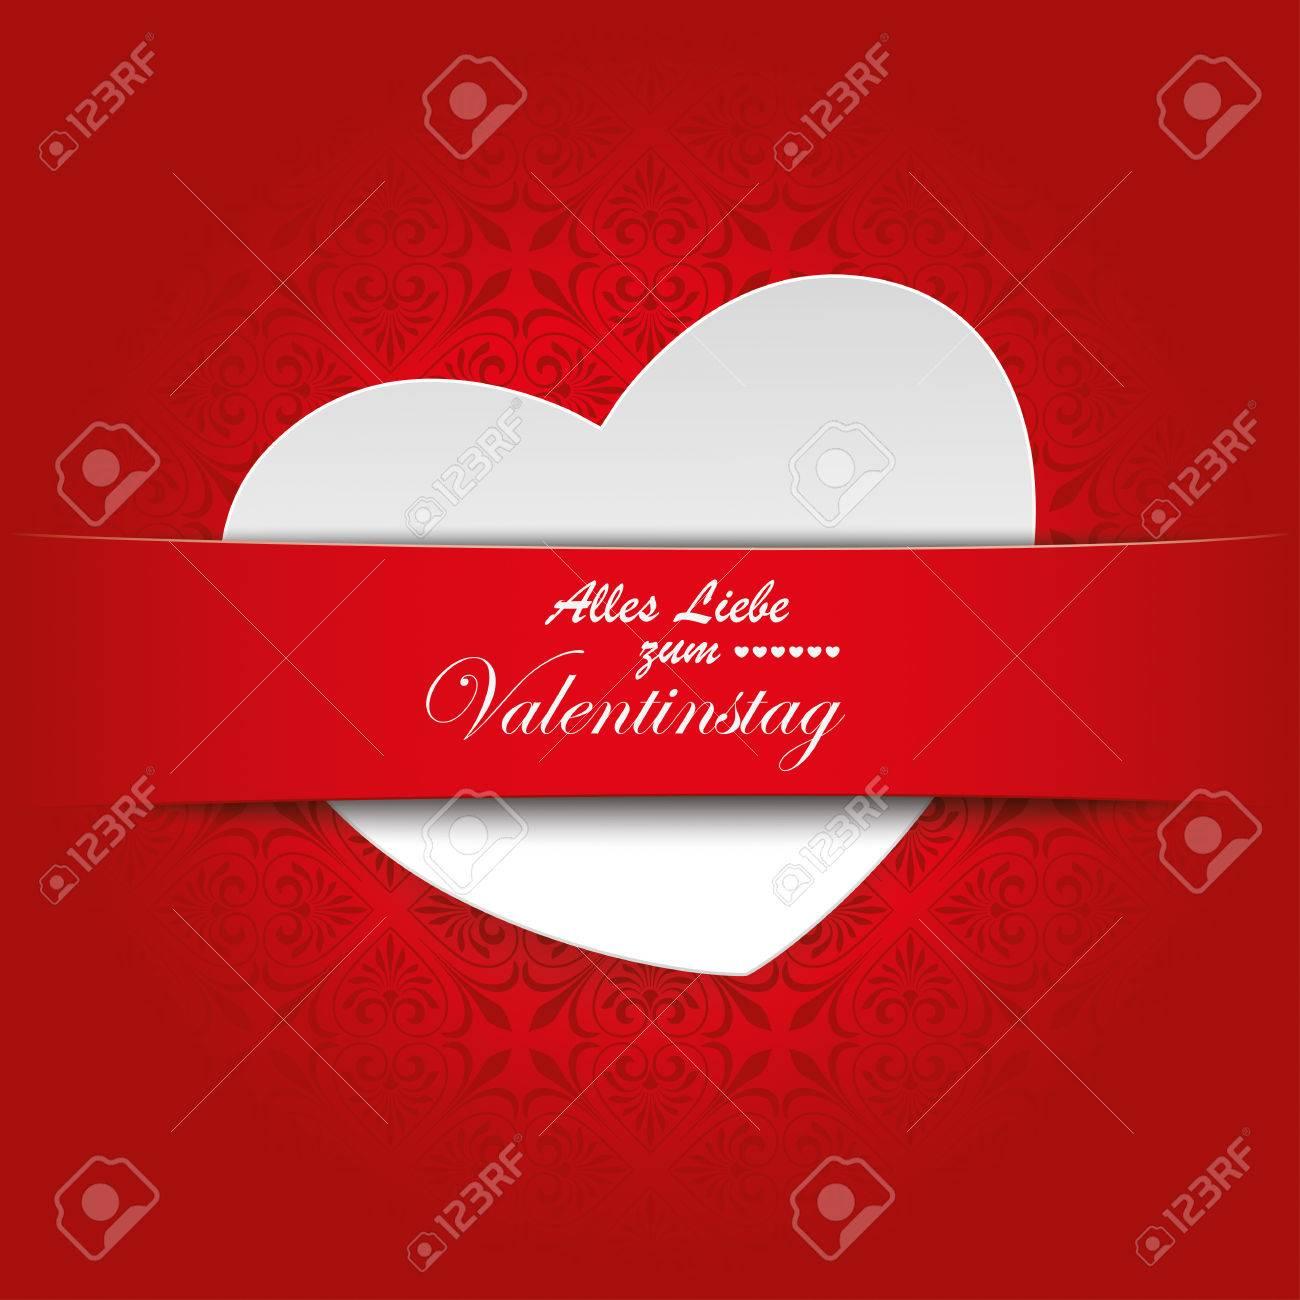 Alles gute zum valentinstag bilder